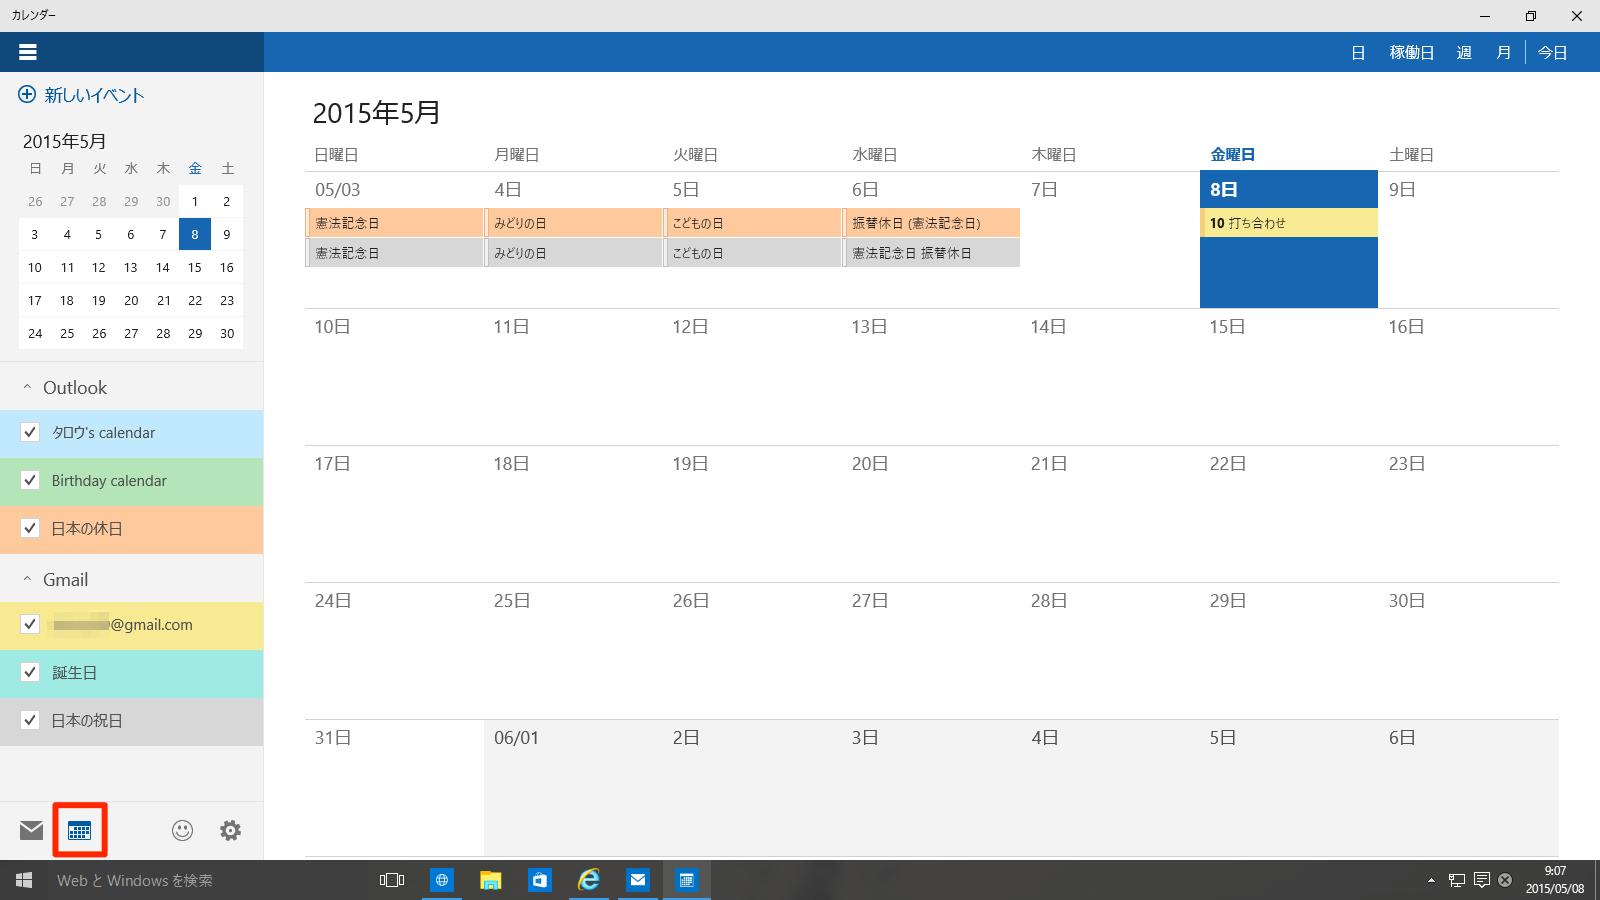 [カレンダー]アプリでGoogleカレンダーを確認する